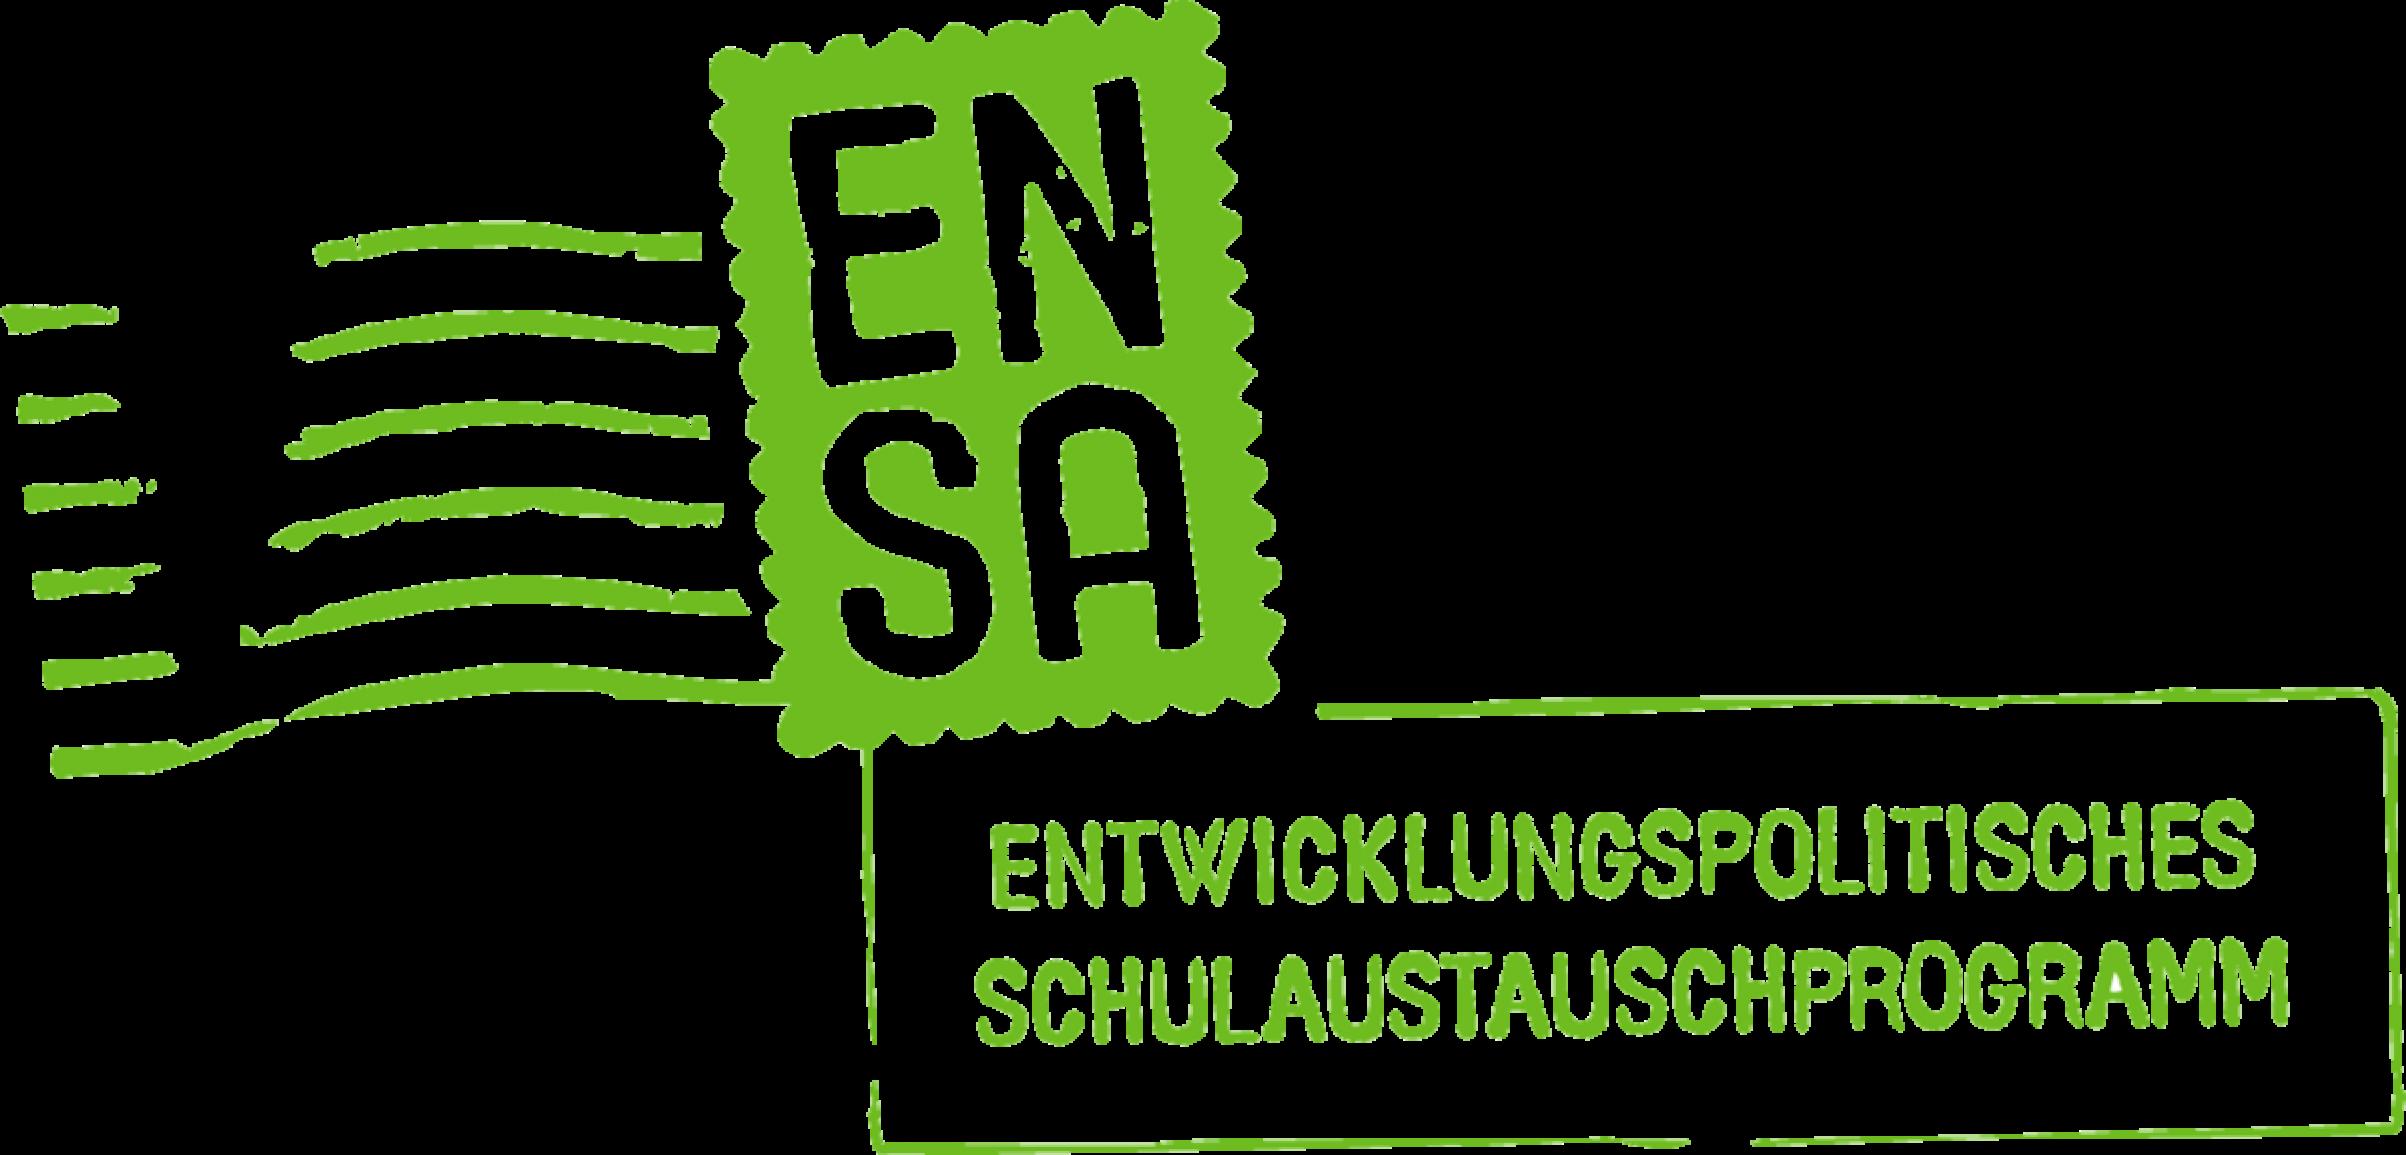 Neues vom Entwicklungspolitischen Schulaustauschprogramm (ENSA)